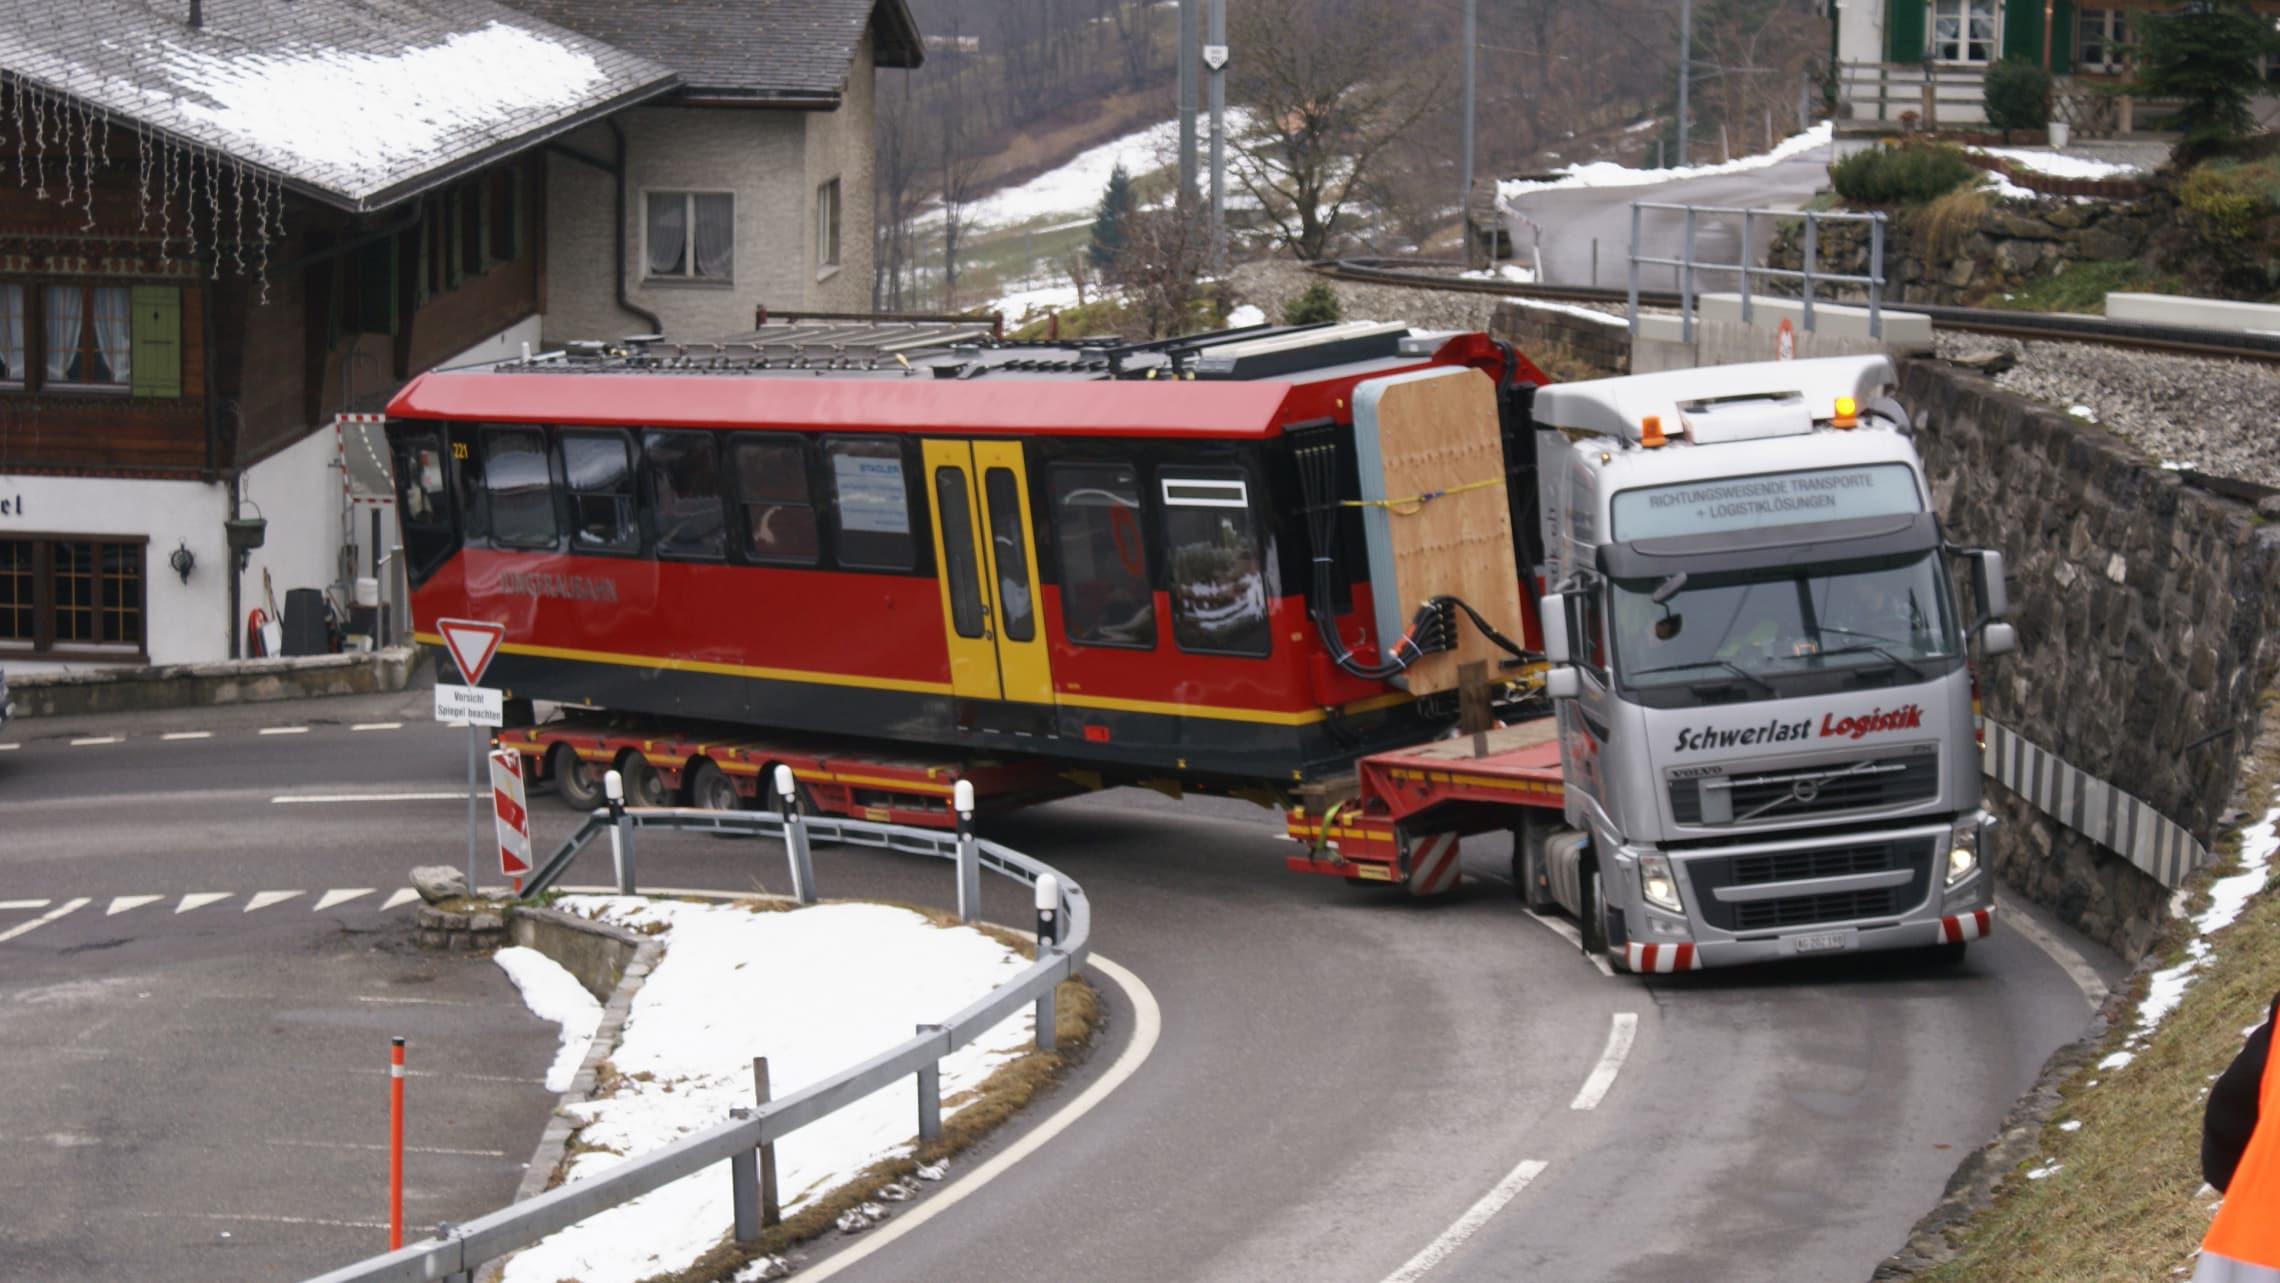 13 vbahn jungfraubahn transport